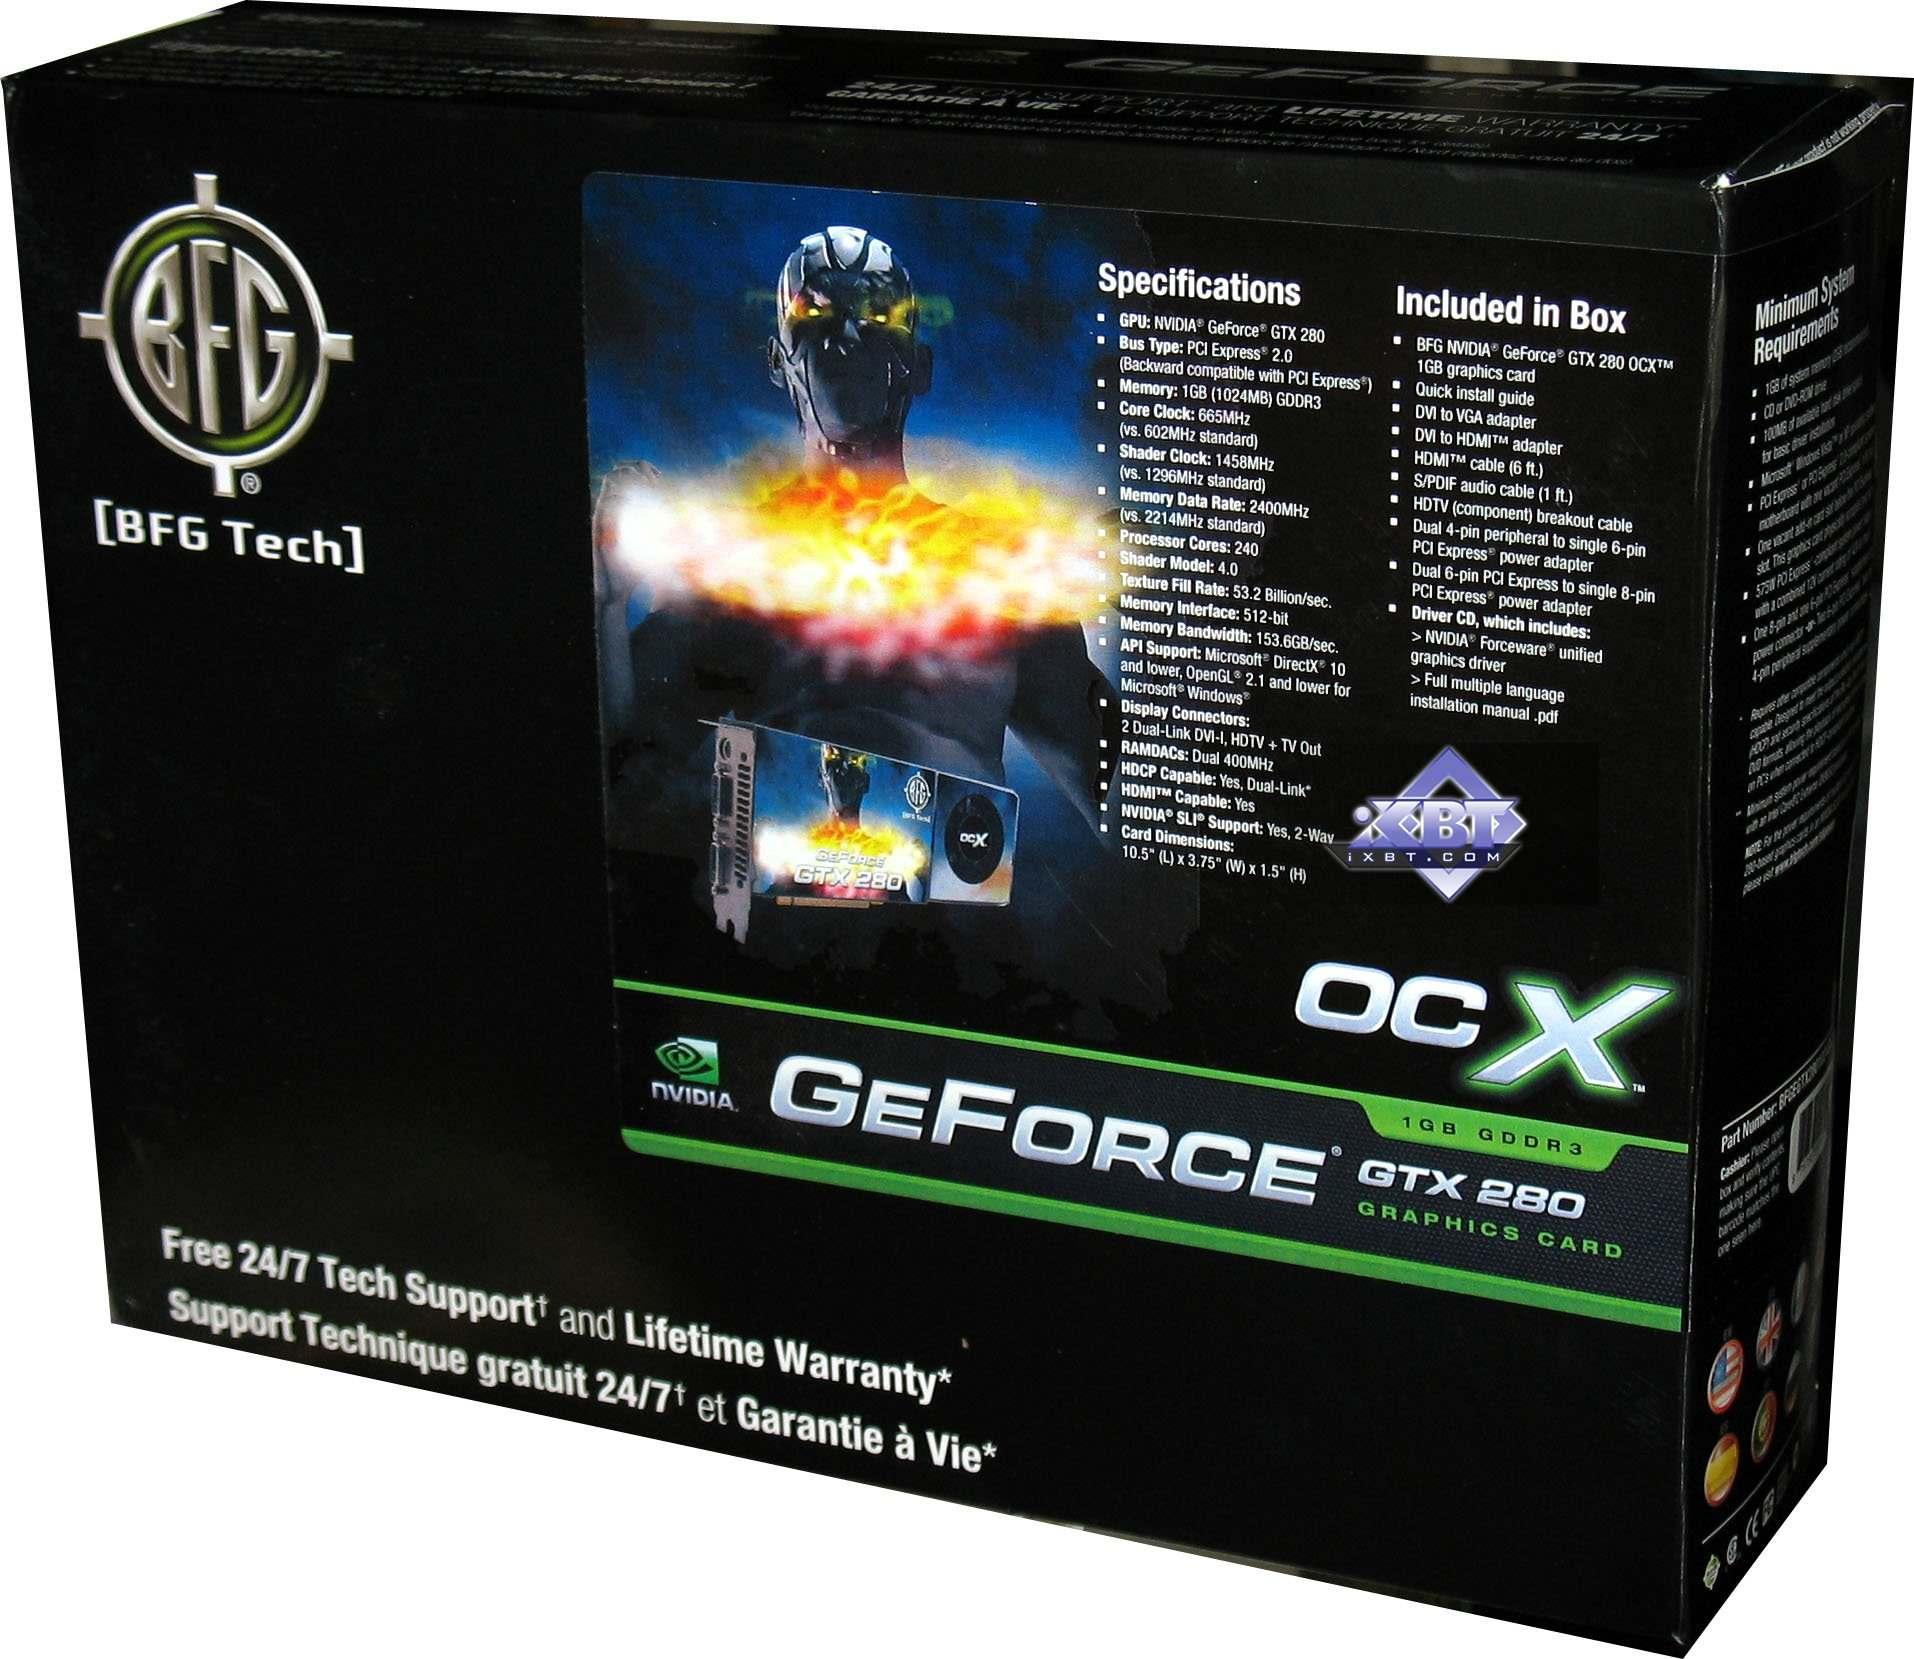 iXBT Labs - BFG GeForce 8800 GT, 9600 GT, GTX 280 OCX - Page 3